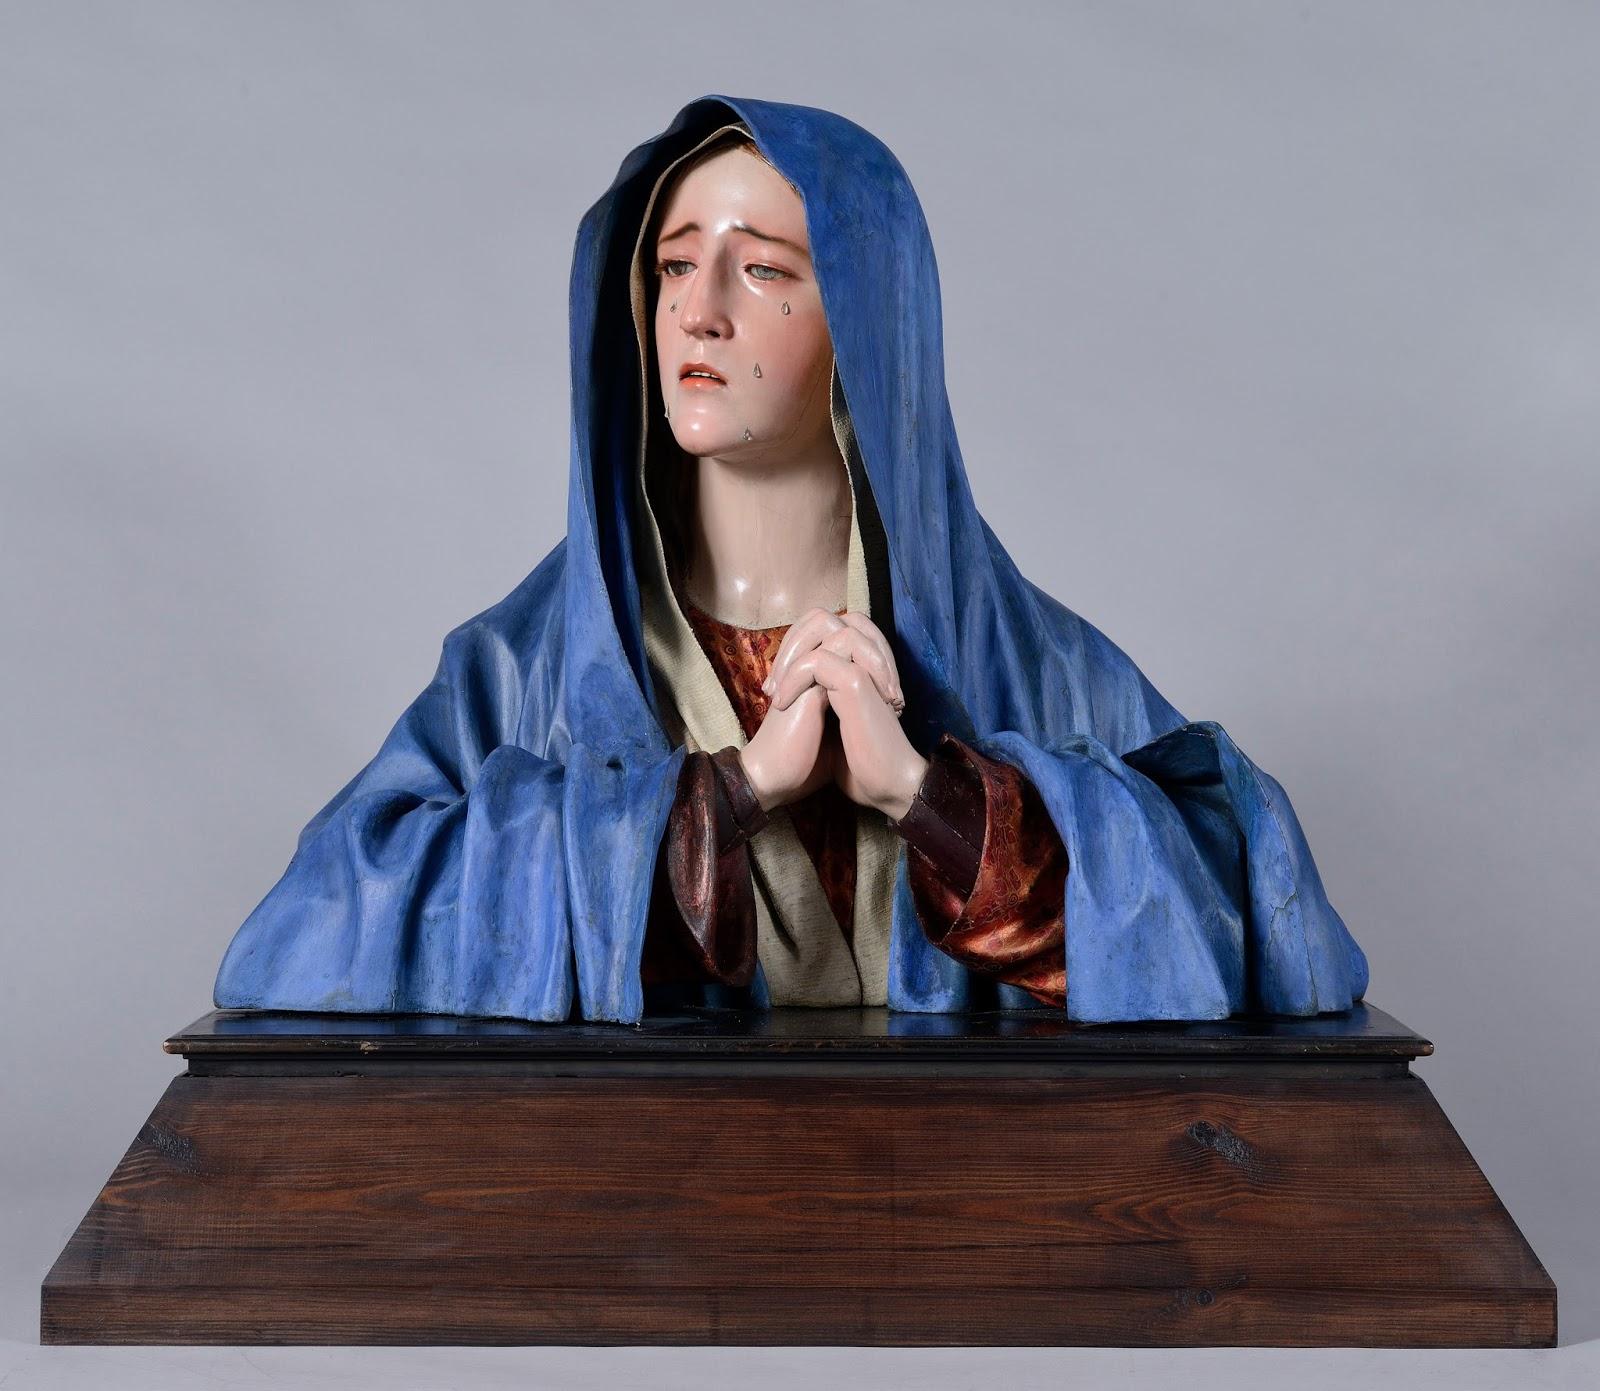 Arte en valladolid el busto de dolorosa de pedro de mena - Santa ana valladolid ...